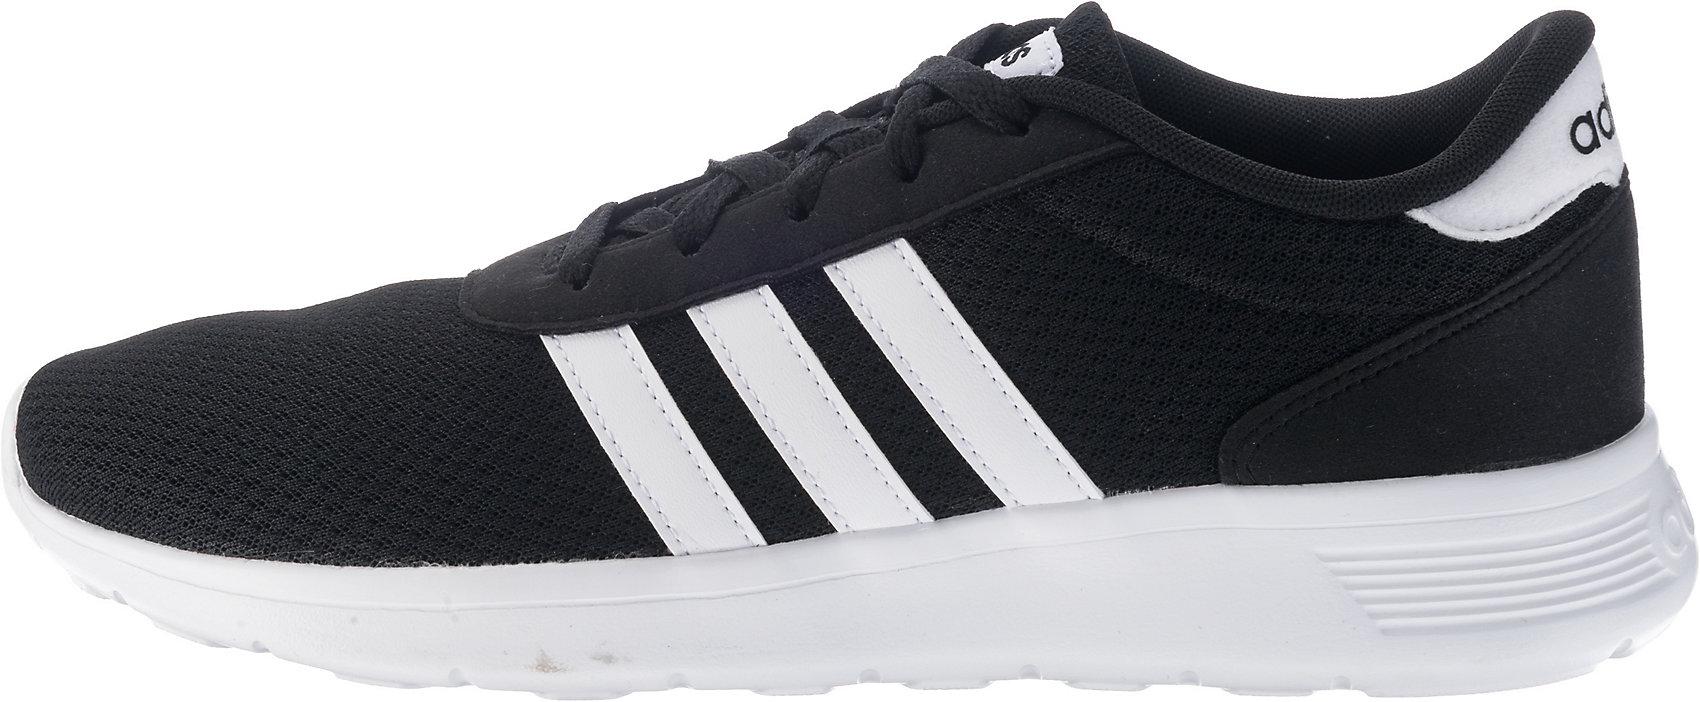 Details zu Neu adidas Sport Inspired Lite Racer Sneakers Low 7491061 für Herren